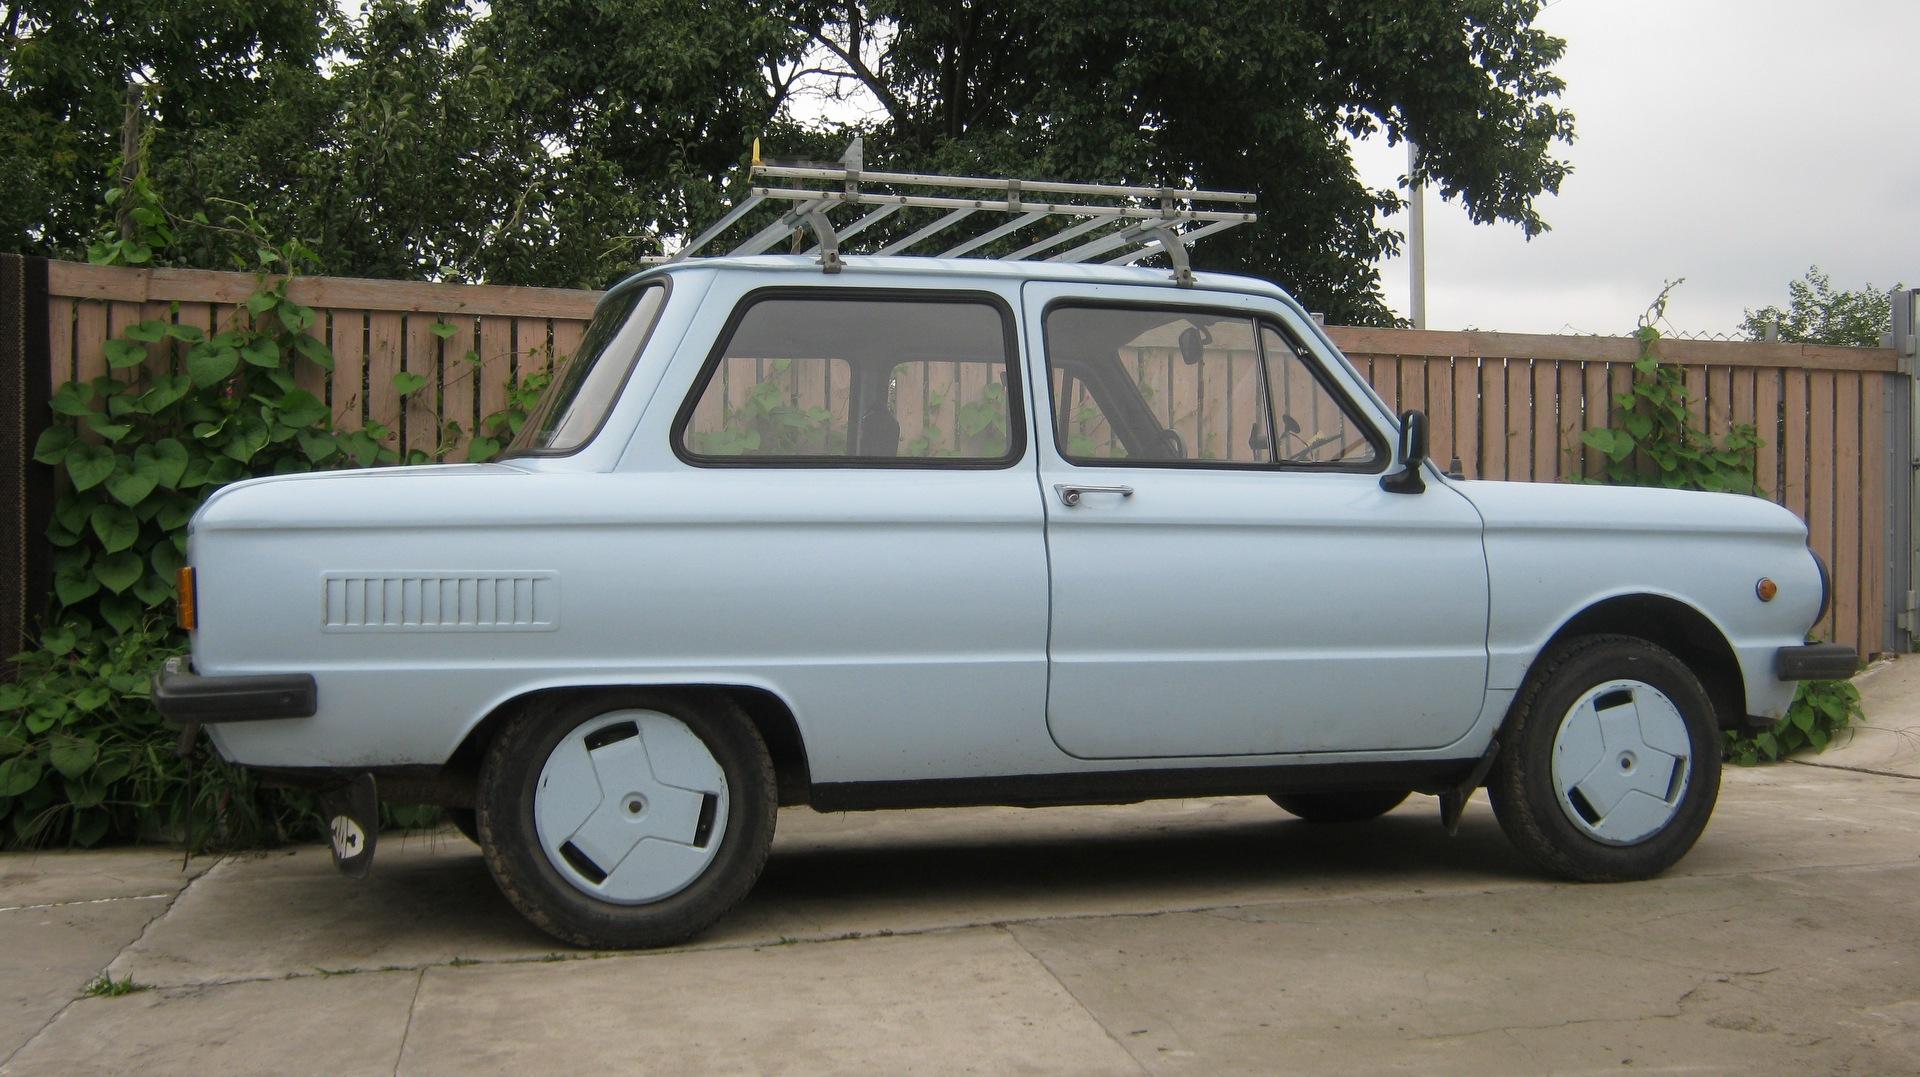 проходимость автомобиля заз 968 м: